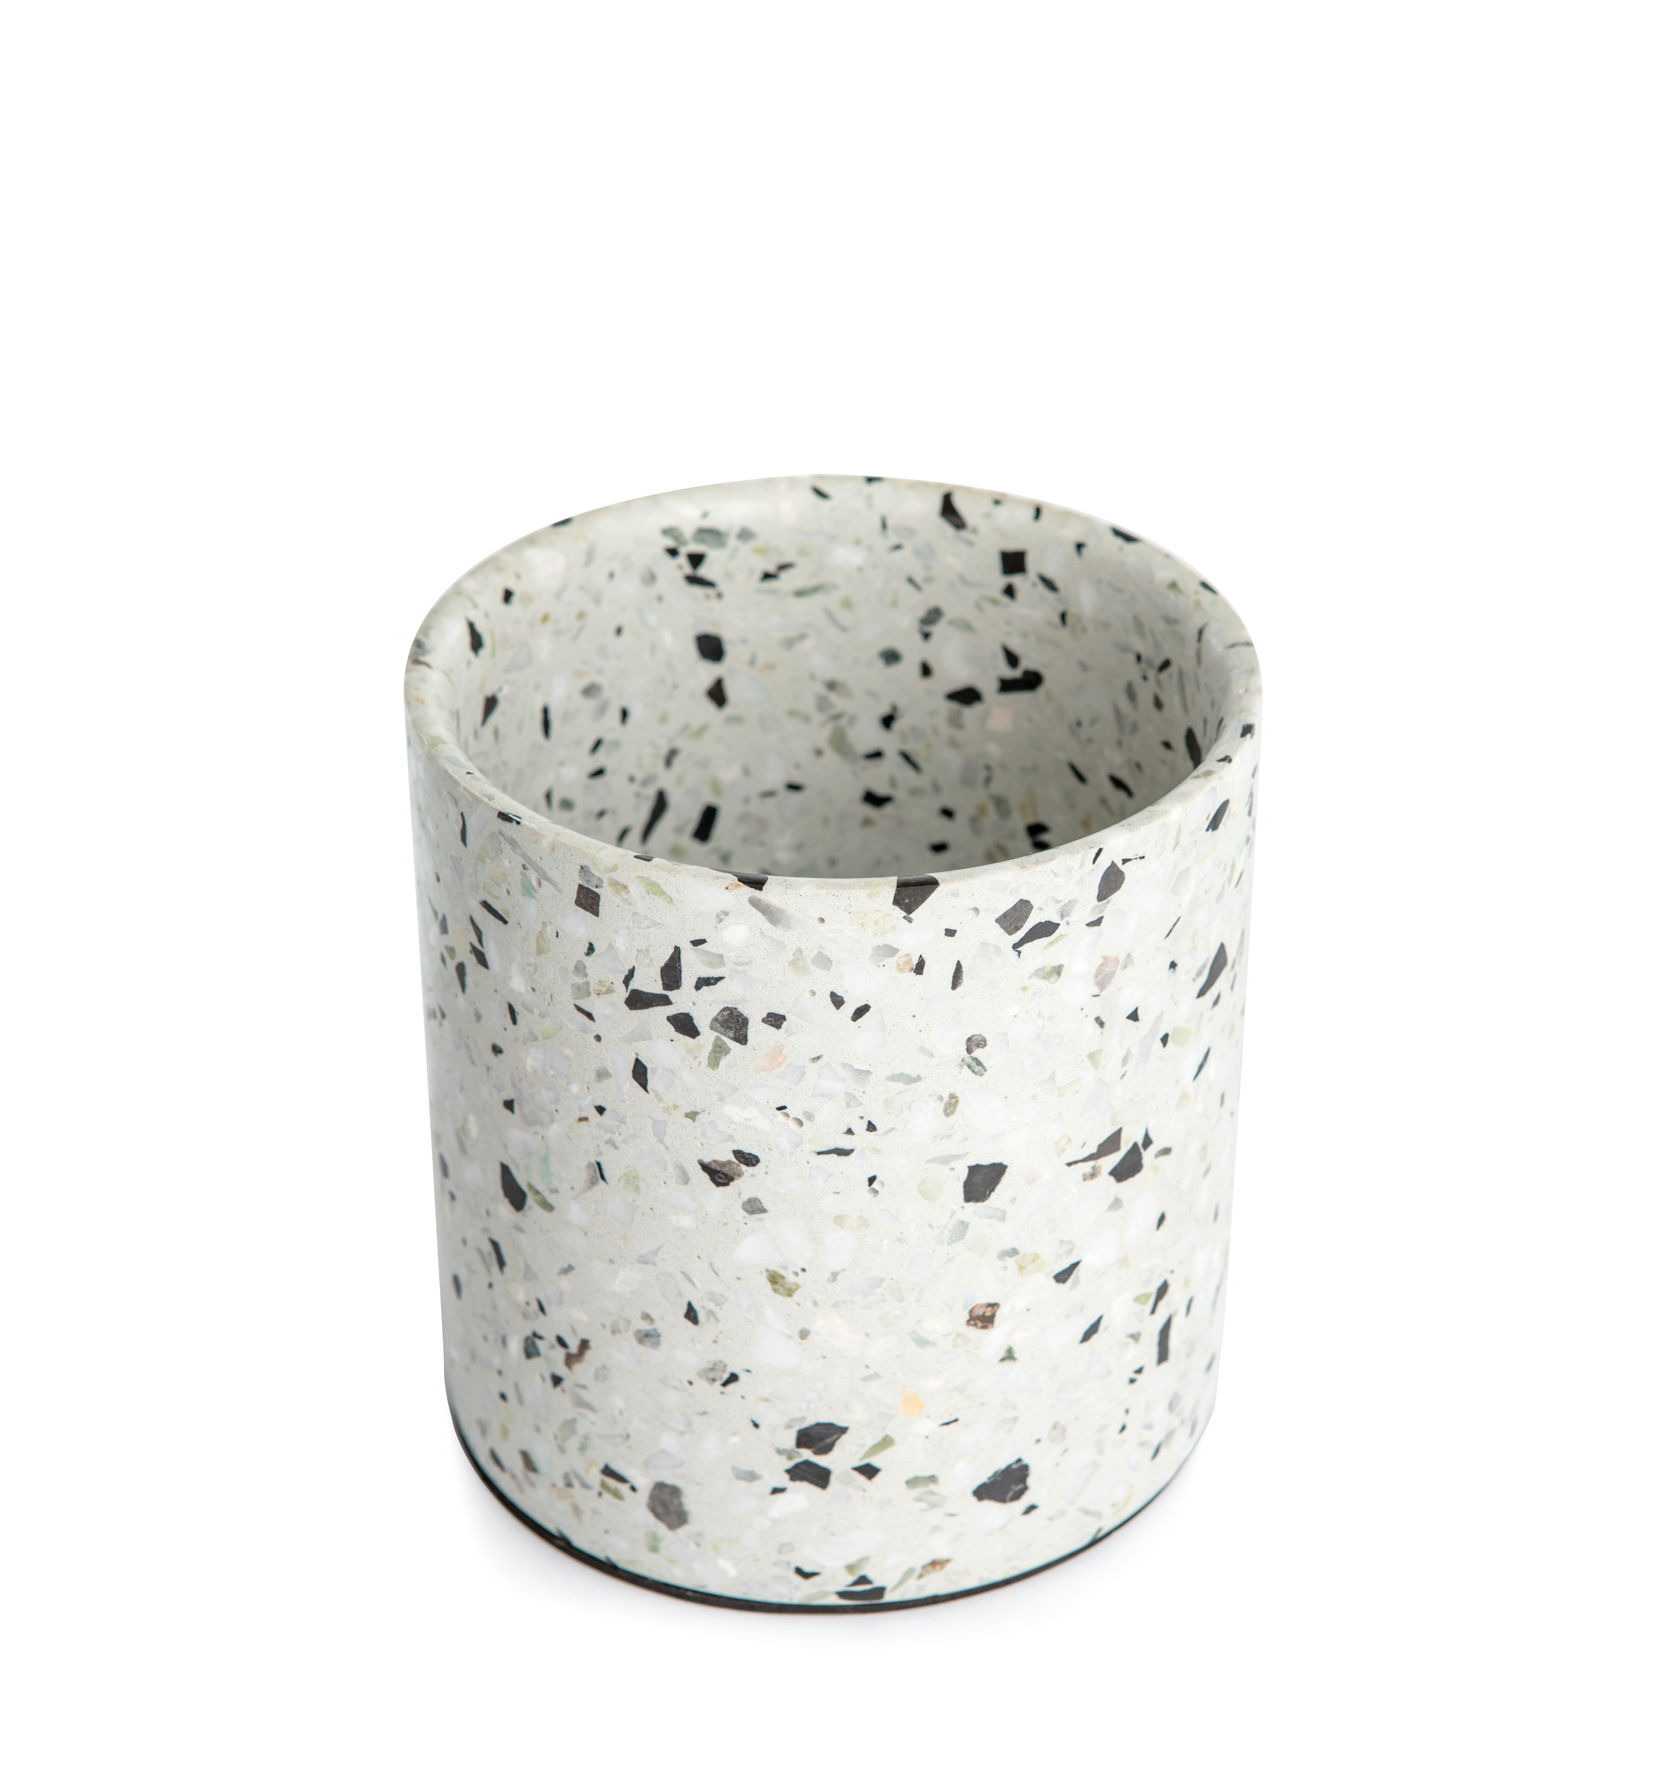 Outdoor - Pots & Plants - Terrazzo Pot - / Small by XL Boom - White terrazzo - Terrazzo